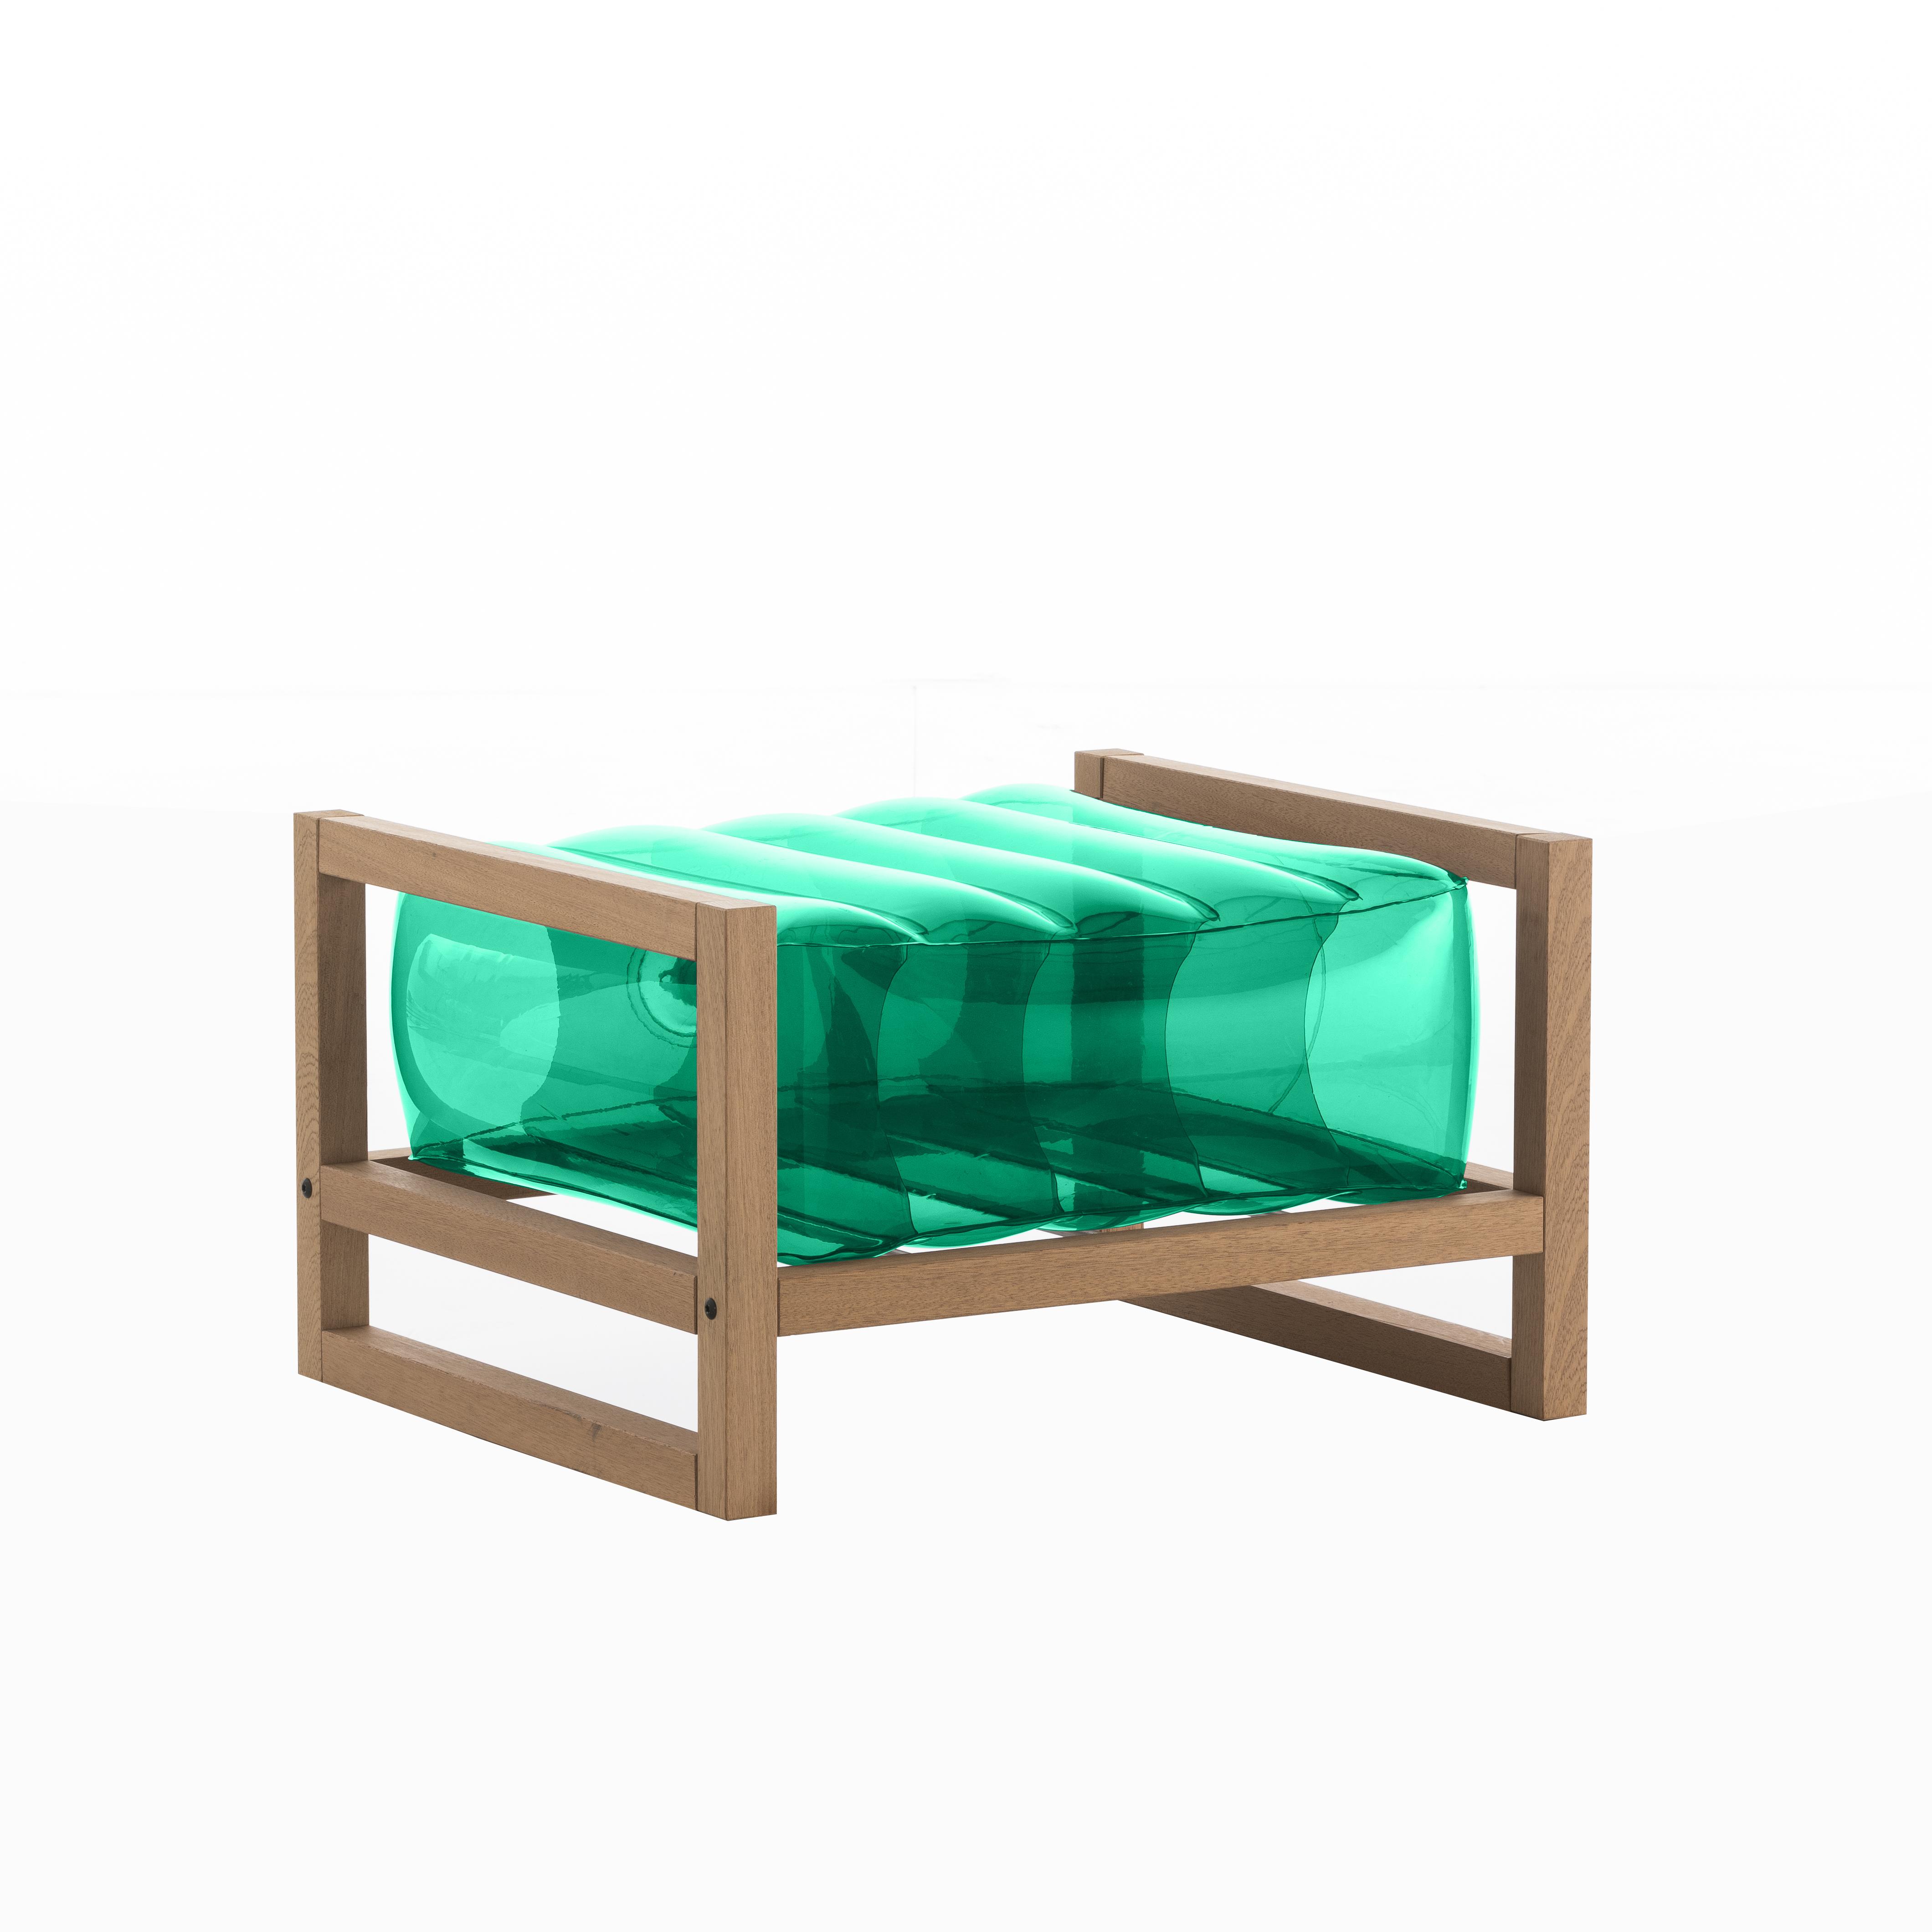 Pouf pvc vert cadre en bois